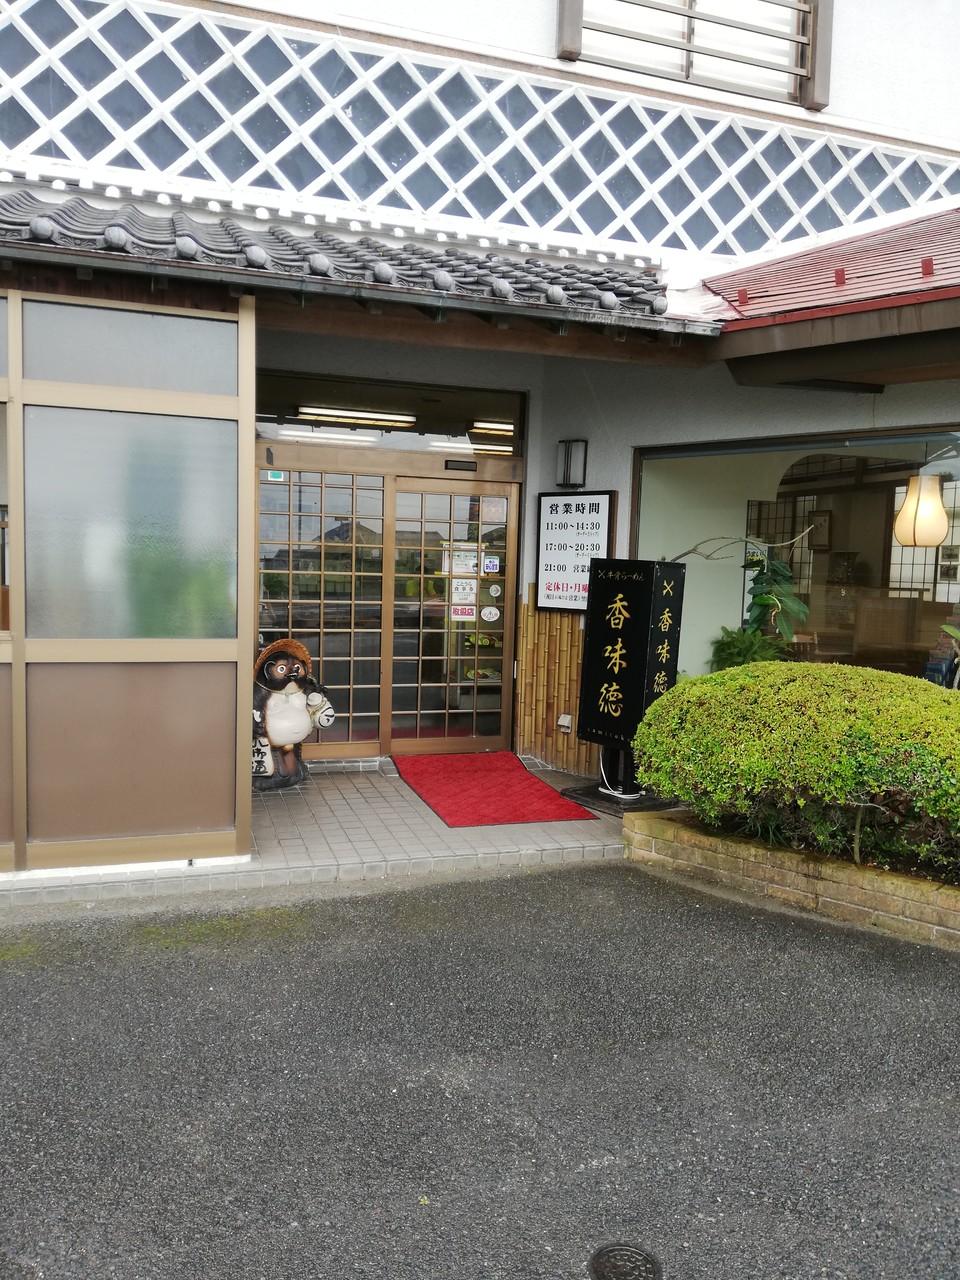 香味徳 (赤碕店) image